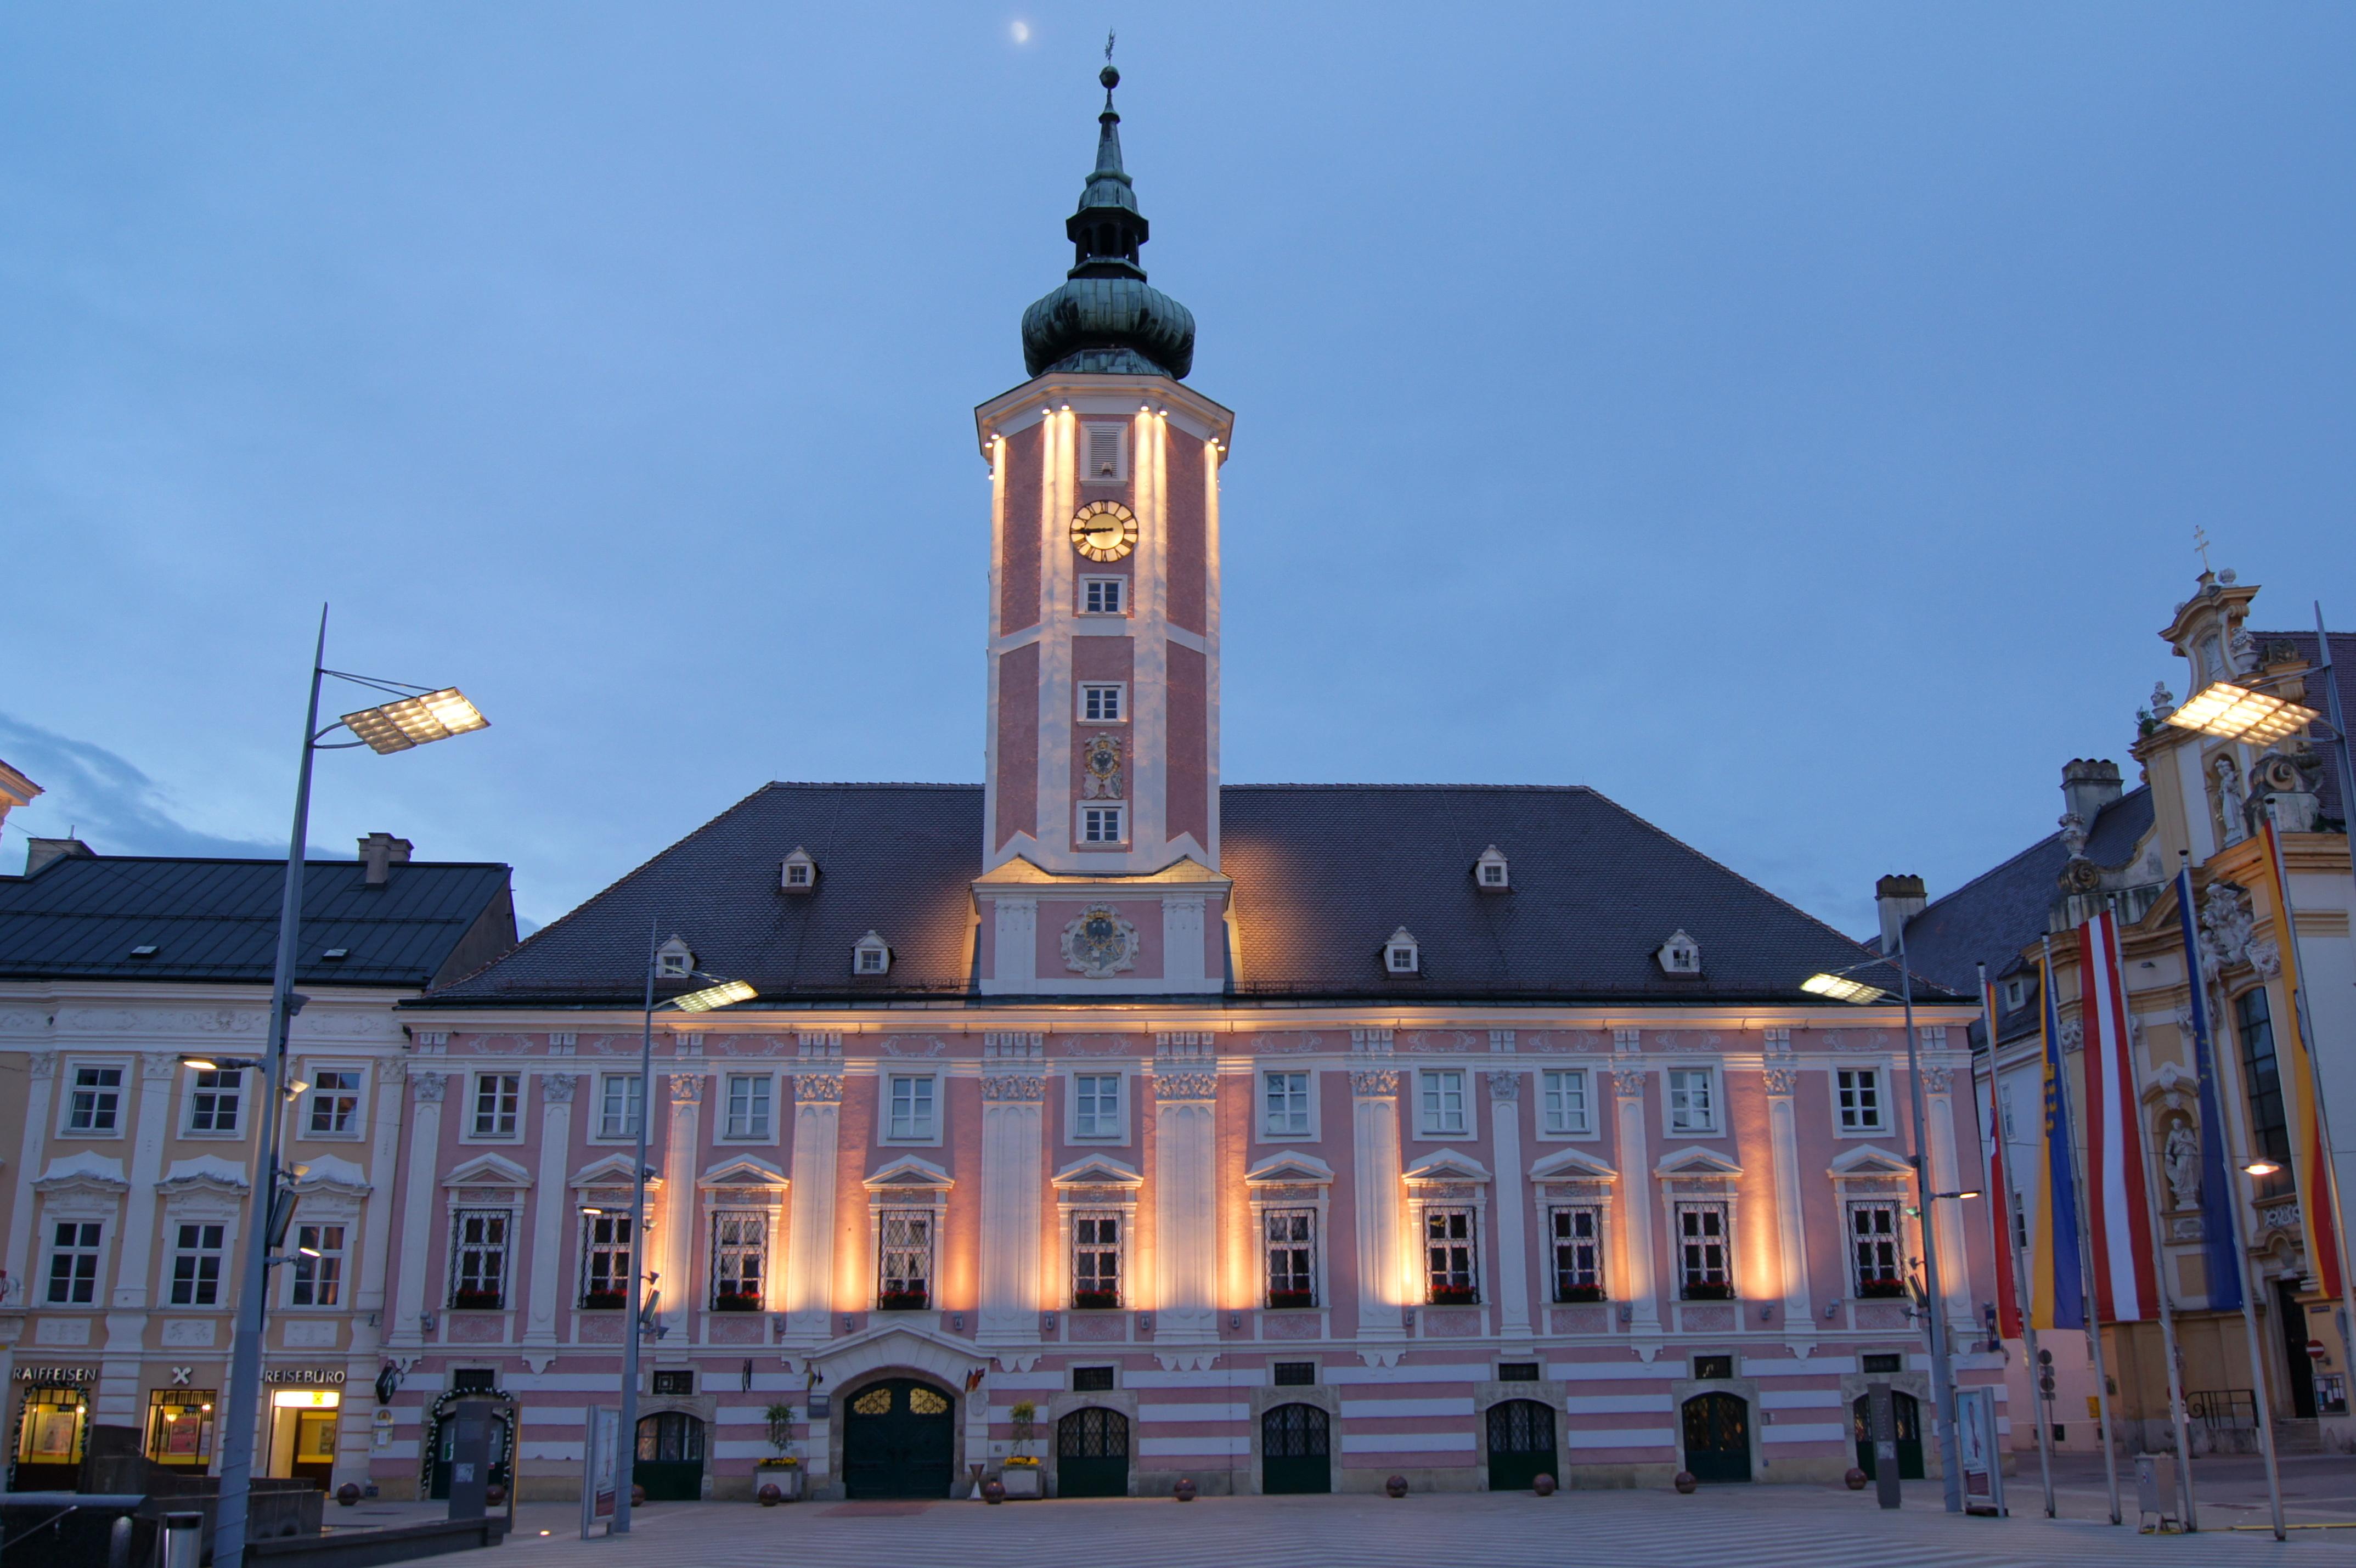 Hotel Sm Historischen Rathaus Koln